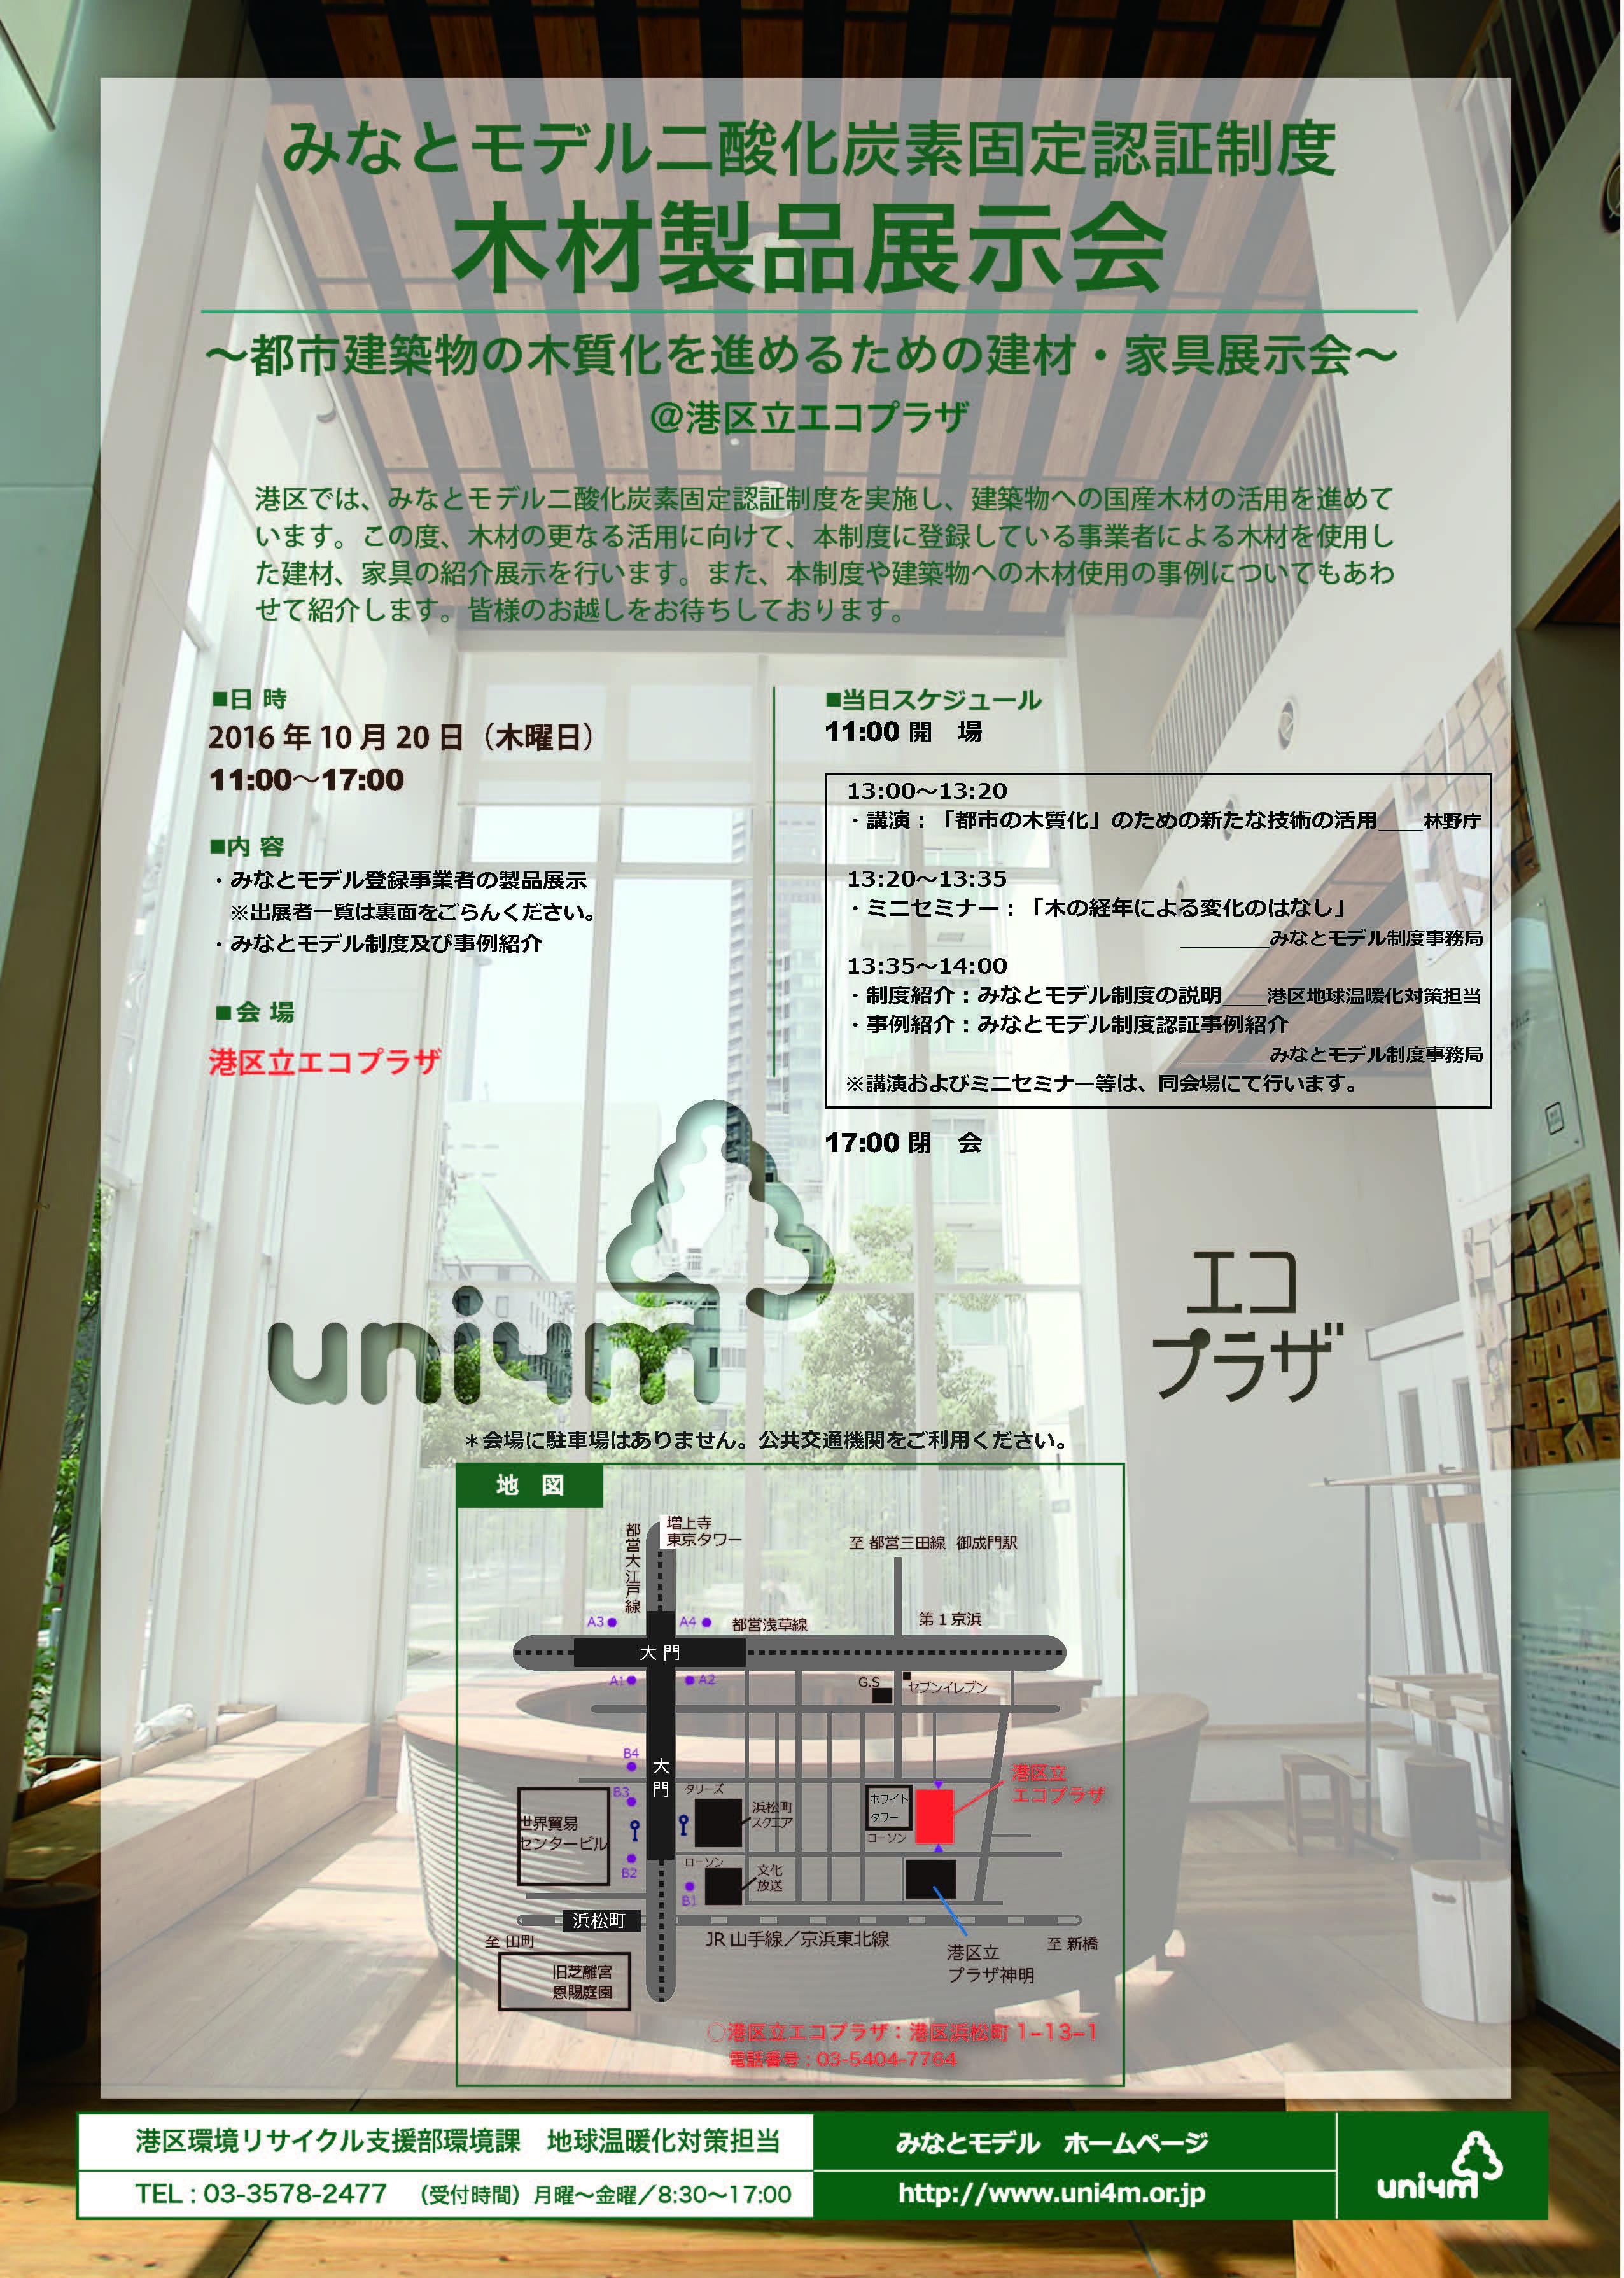 みなとモデル木材製品展示会2016